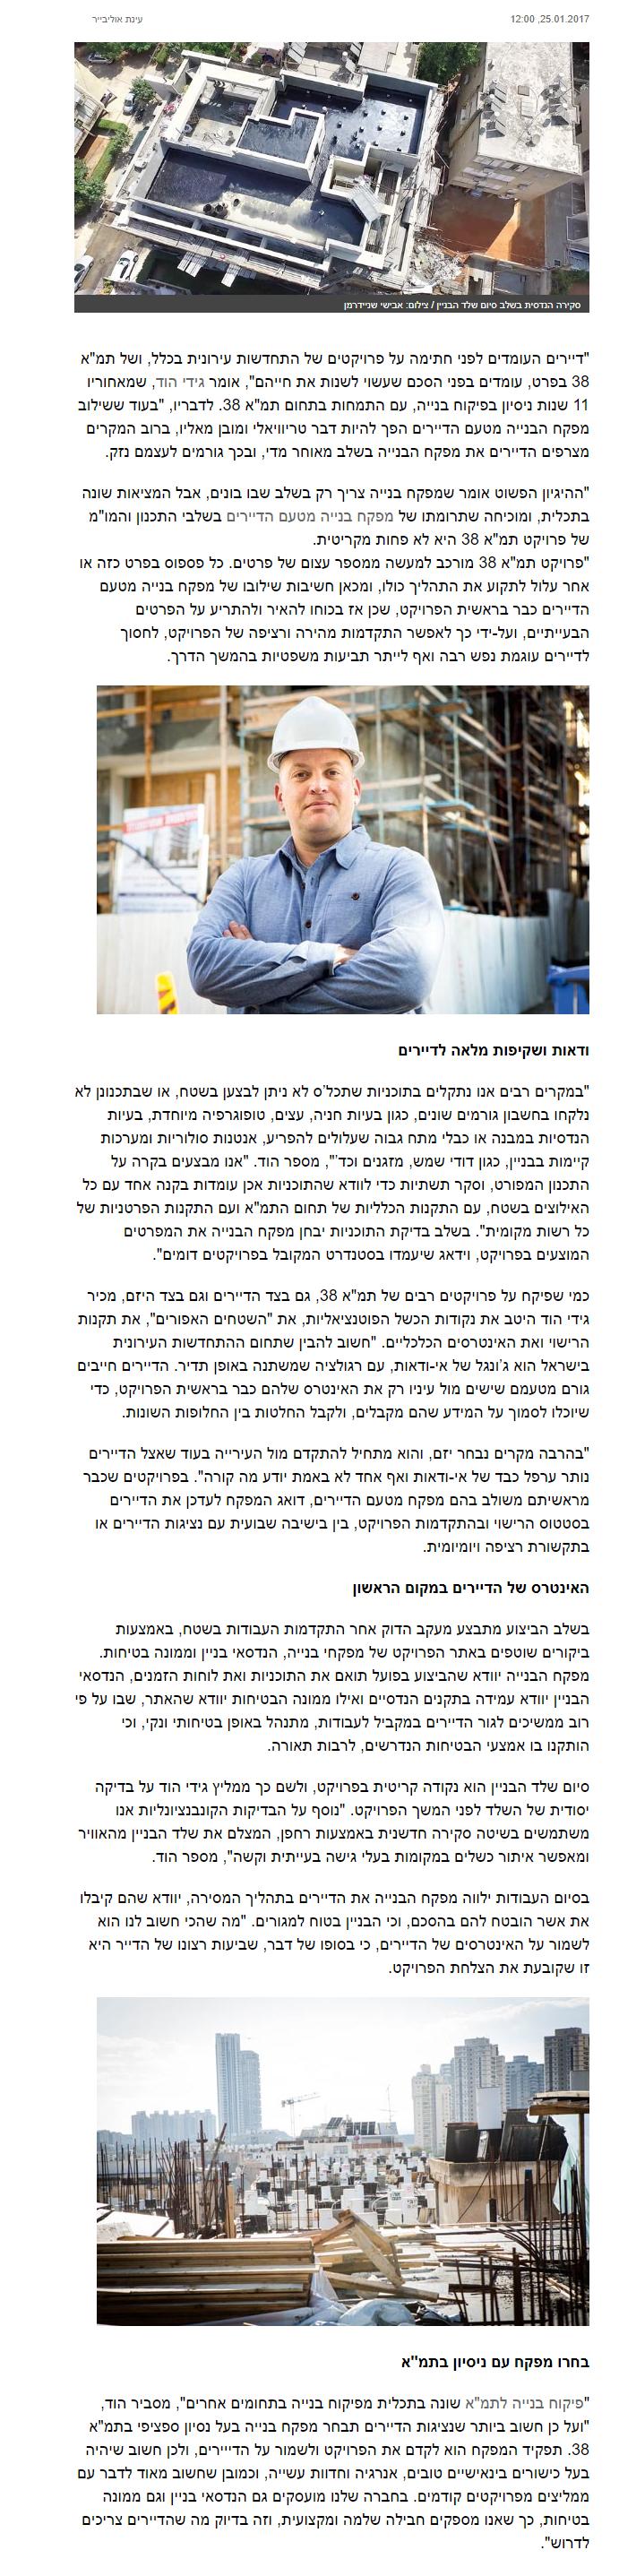 גידי הוד תמא 38 ראיון בעיתון גלובס